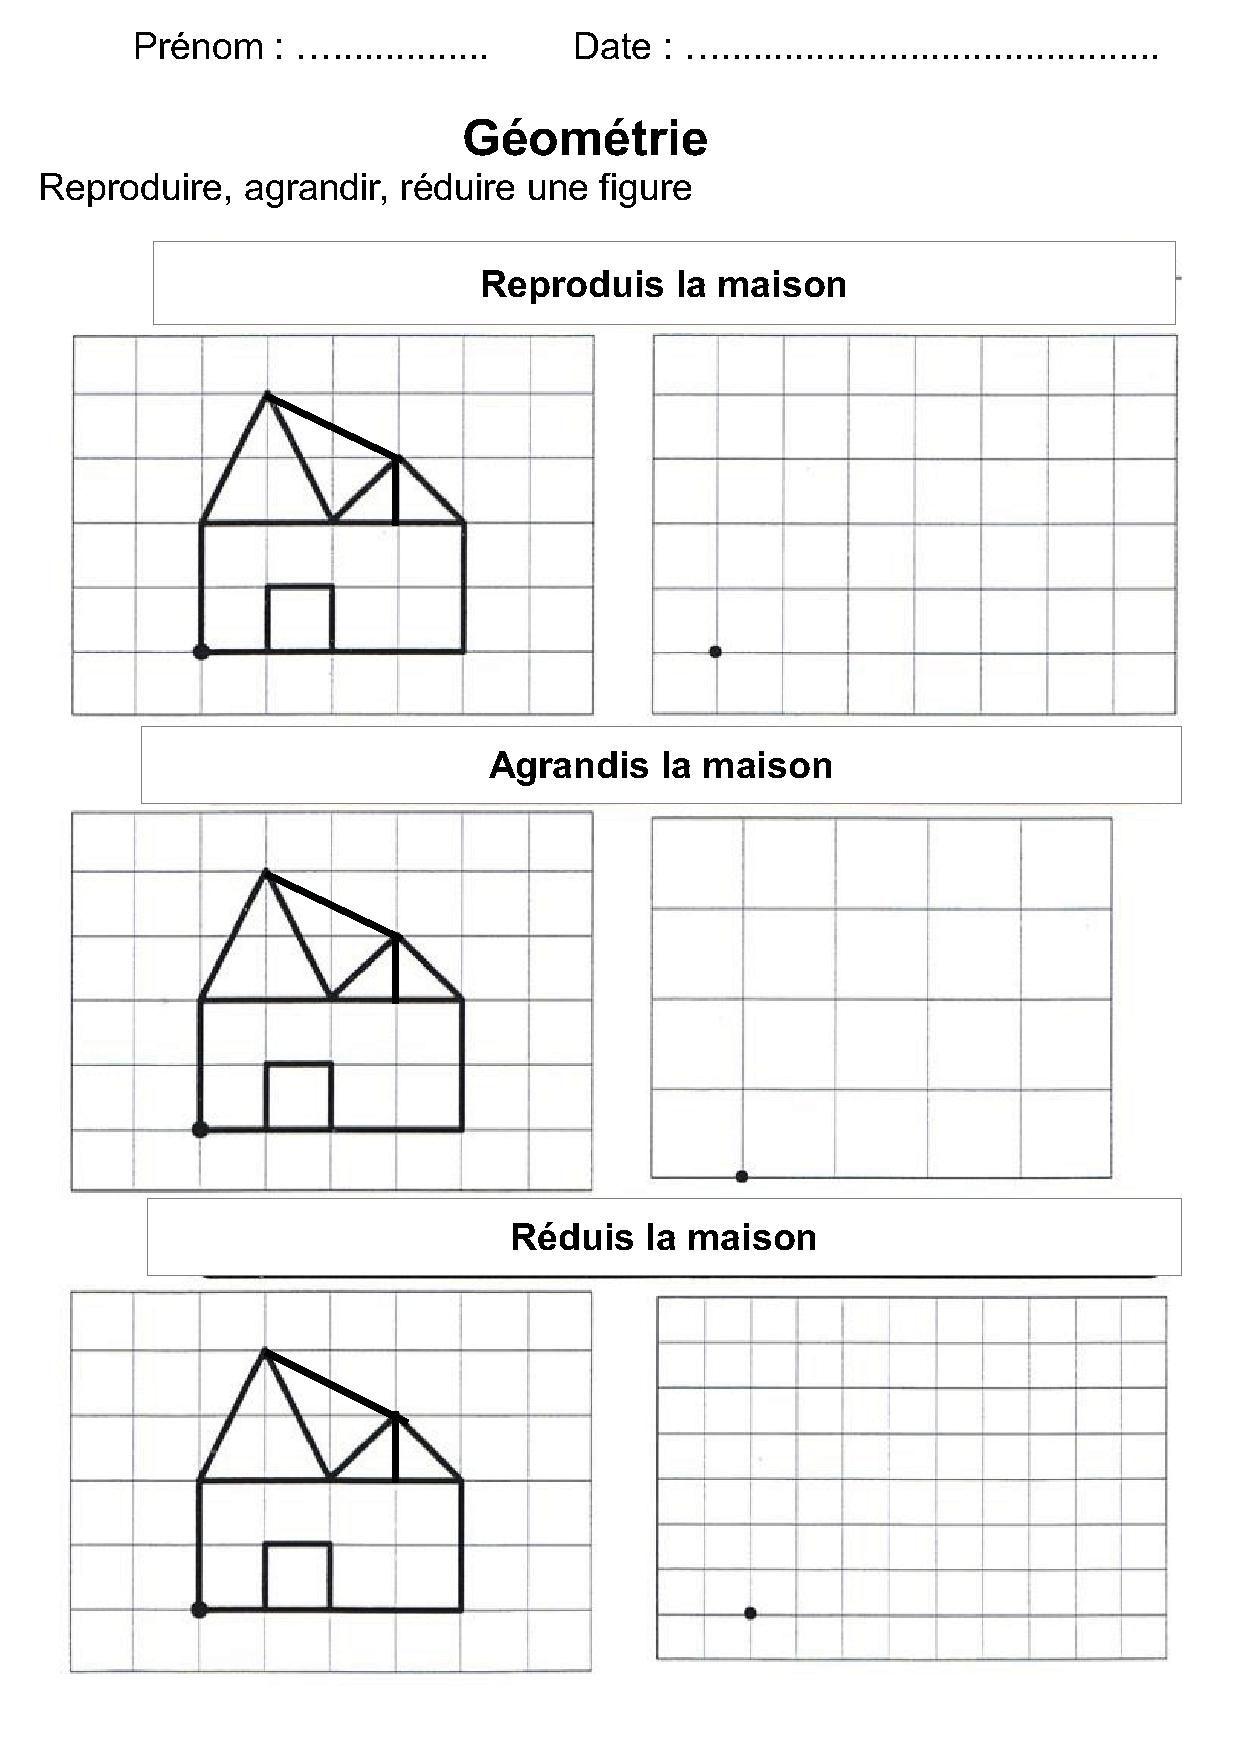 Géométrie Ce1,ce2,la Symétrie,reproduire Une Figure serapportantà Évaluation Reproduction Sur Quadrillage Ce1